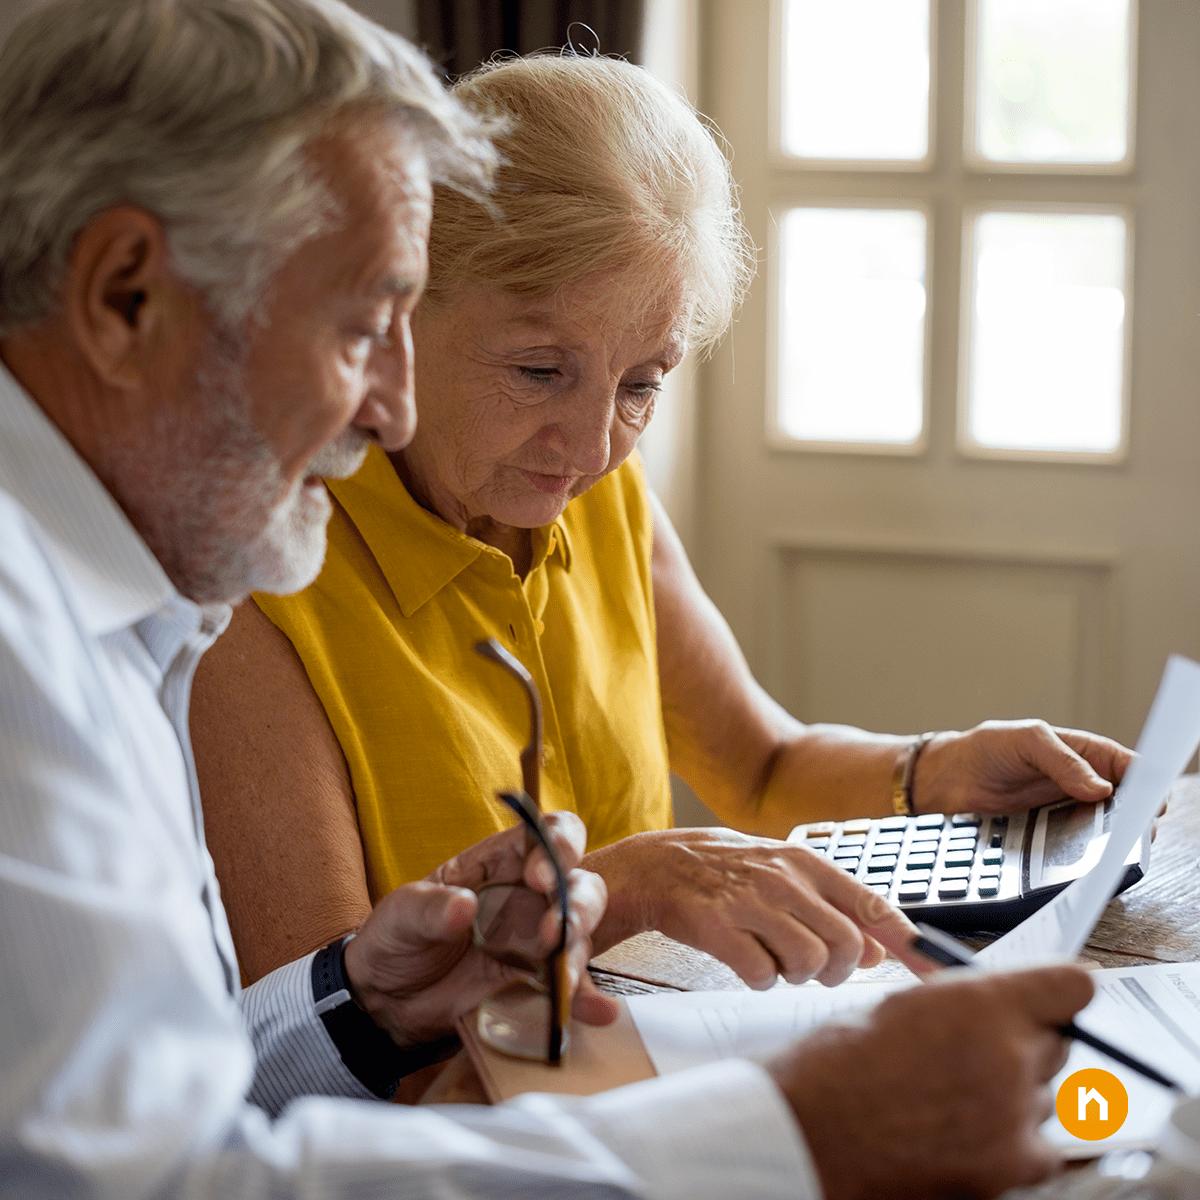 Renten bei Riester, Rürup & Co. werden dramatisch fallen – Olaf Scholz will Höchstzins für Lebensversicherungen senken